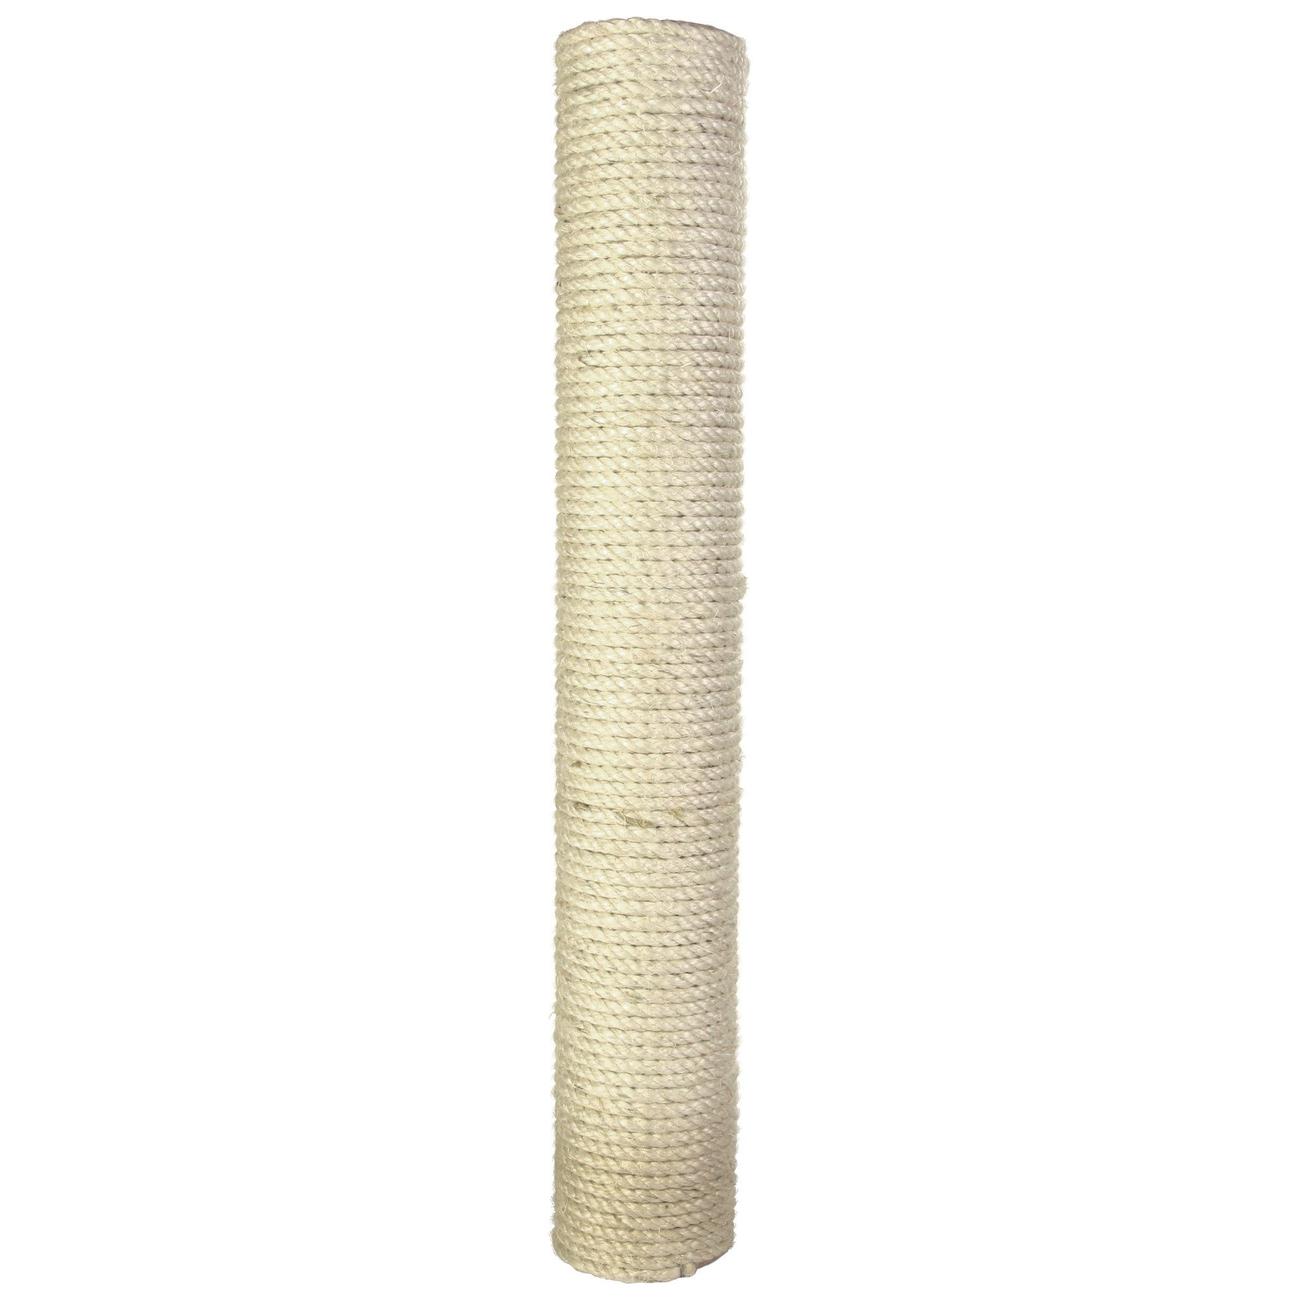 TRIXIE Ersatzstamm für Kratzbaum dick M10 44000, Bild 4